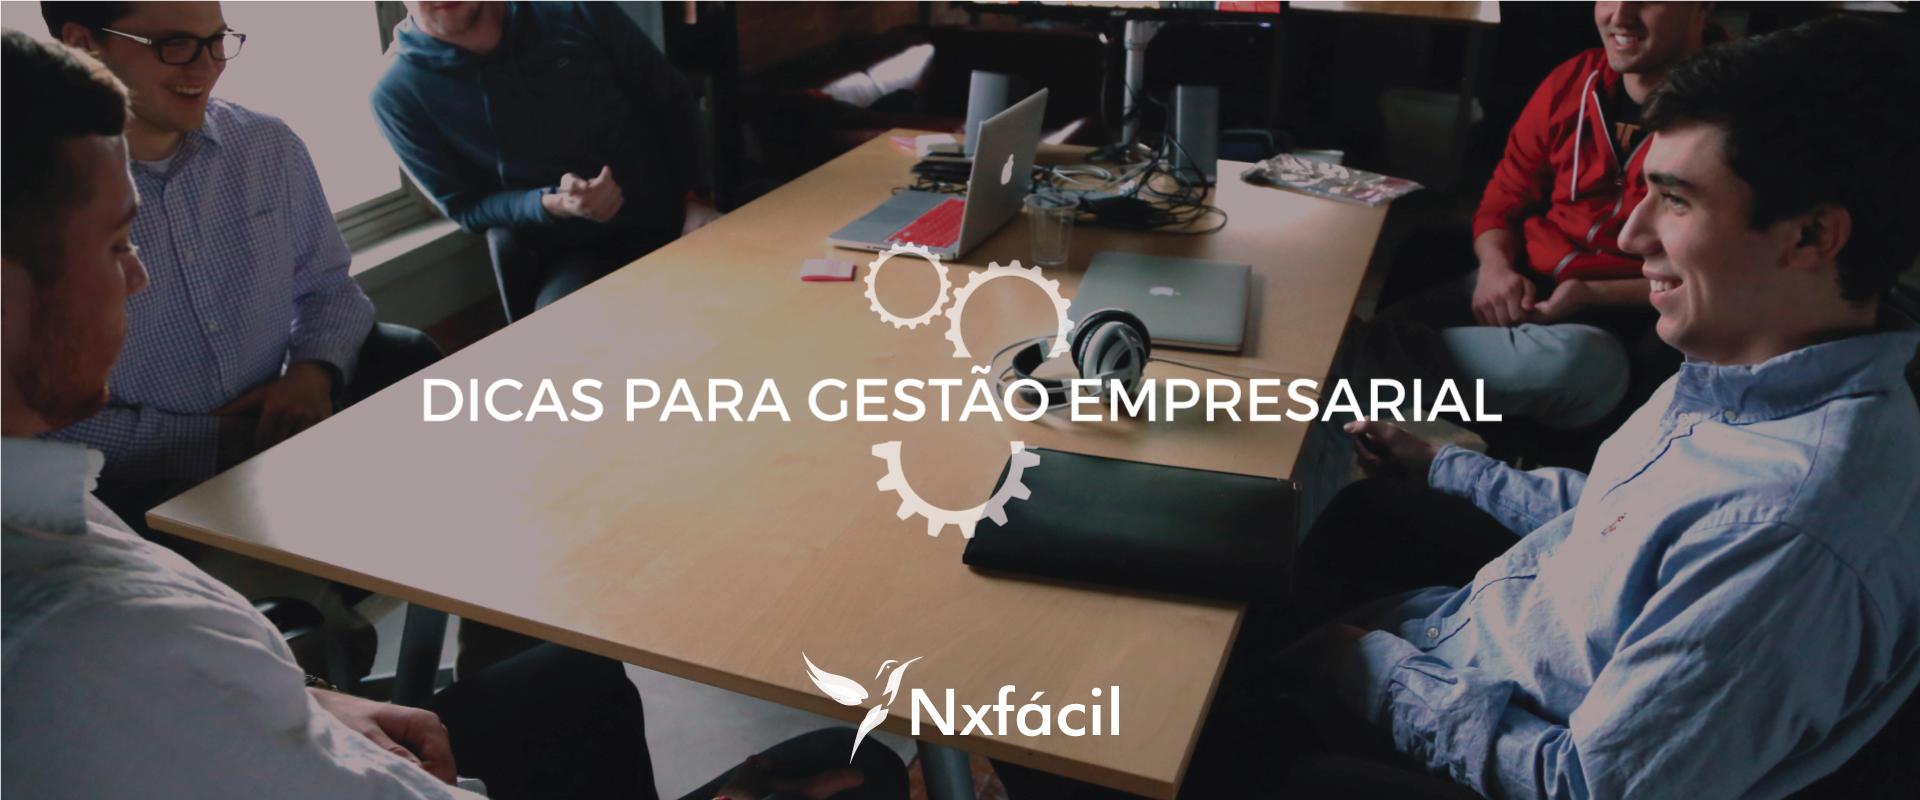 nxfacil_dicas_para_gestao_empresarial